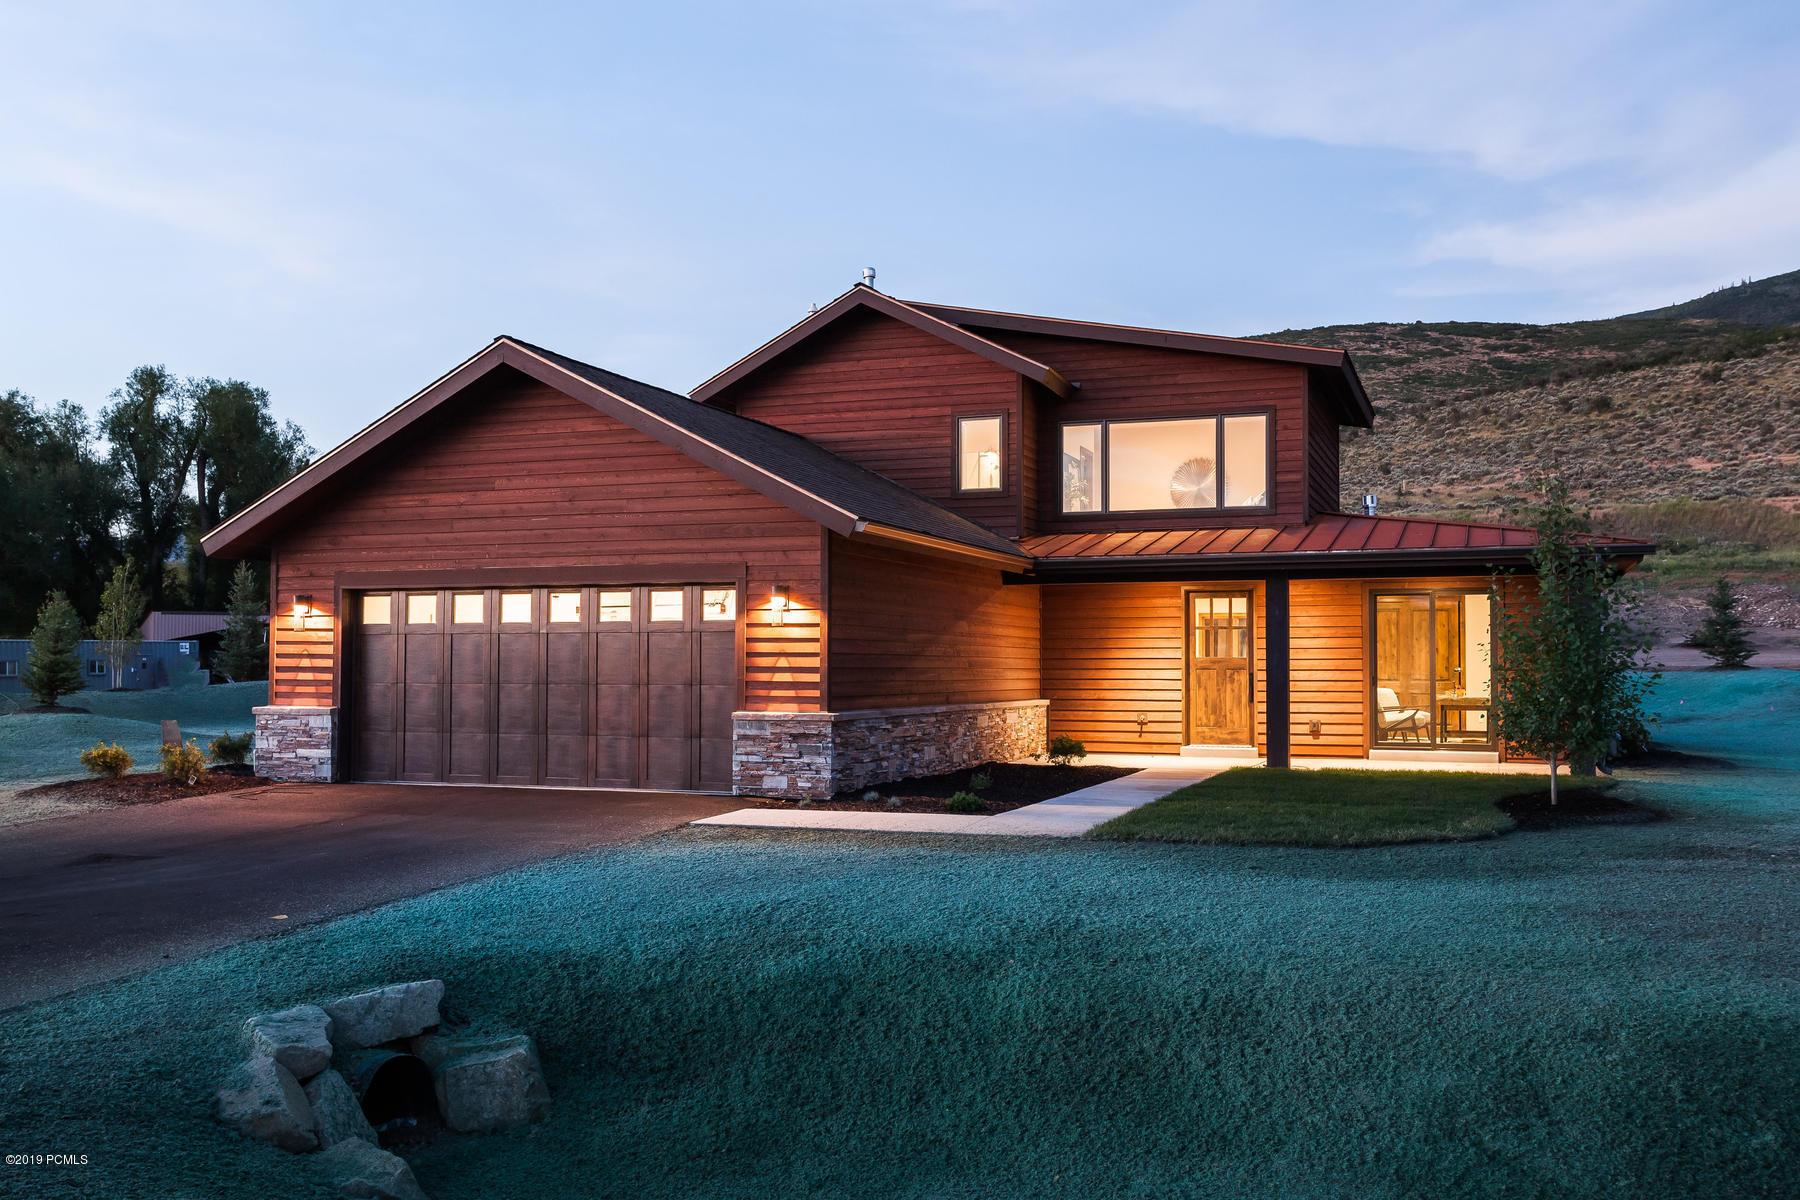 698 Thorn Creek Drive, Kamas, Utah 84036, 4 Bedrooms Bedrooms, ,5 BathroomsBathrooms,Single Family,For Sale,Thorn Creek,11909058